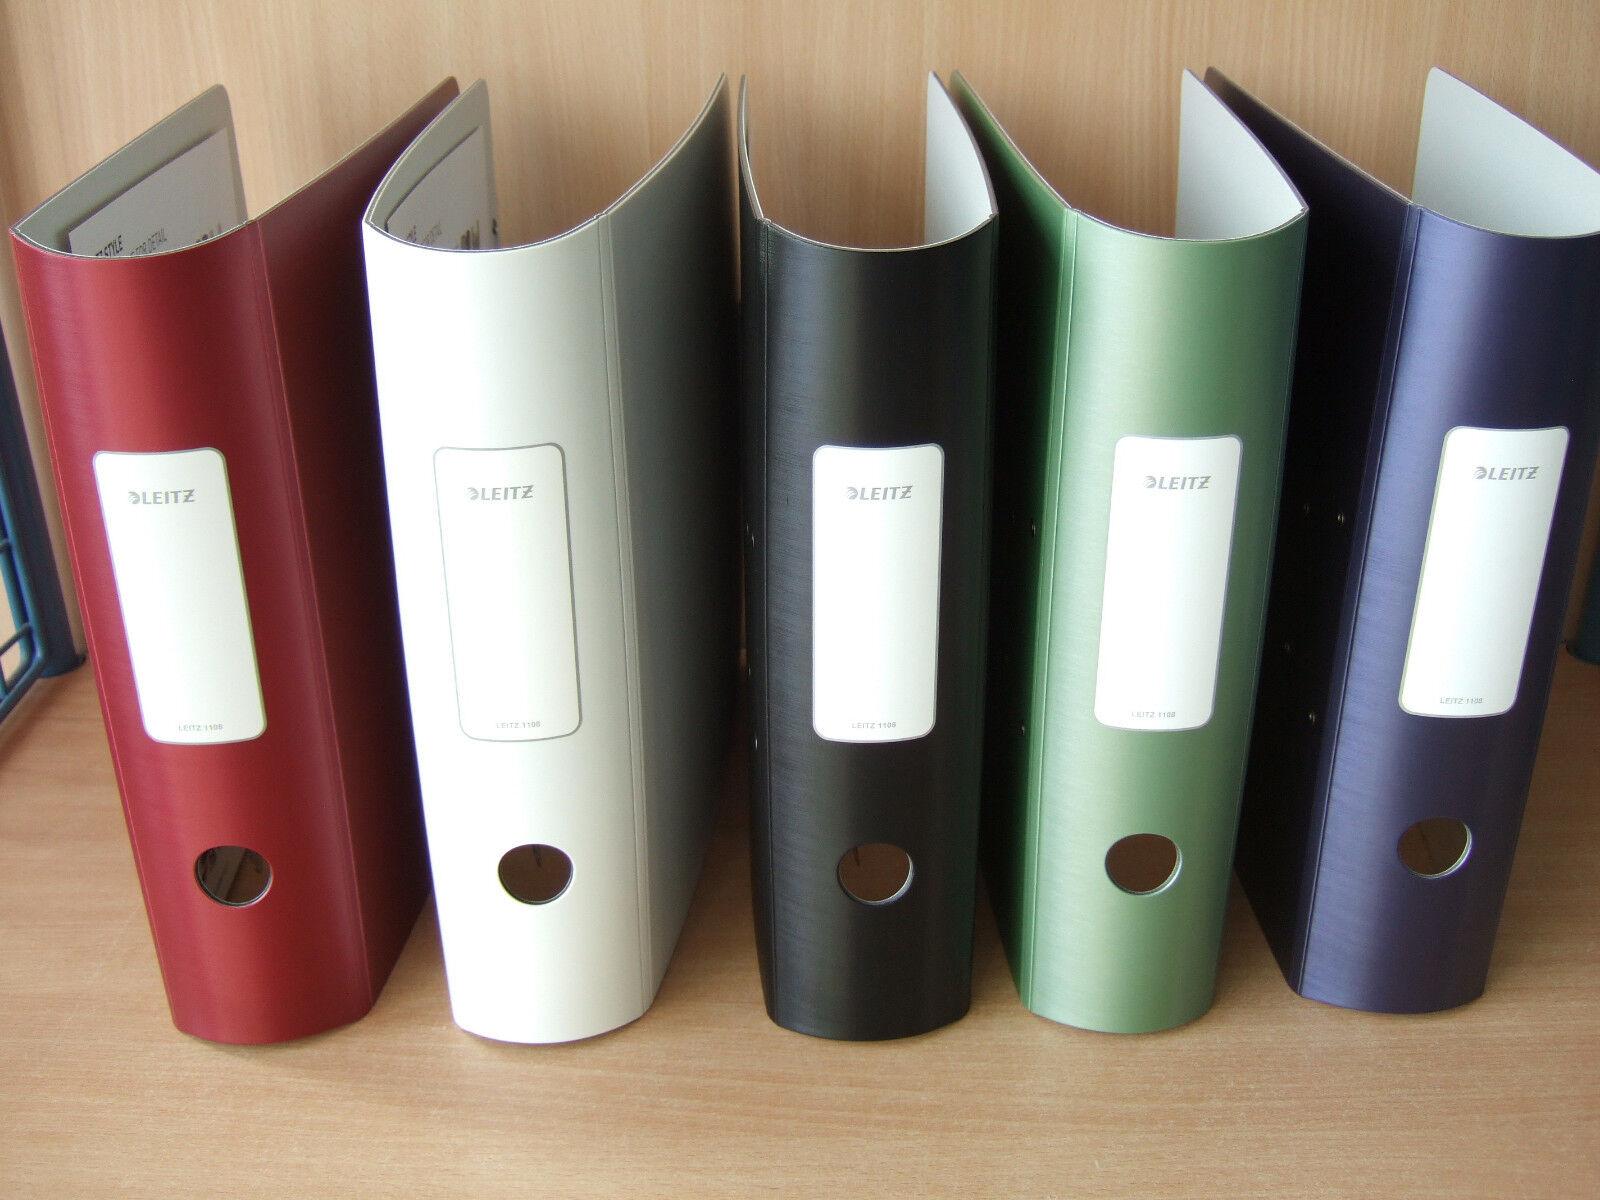 LEITZ Ordner ACTIVE STYLE Din A4 1108 1109 65 bis 82 mm Farben 1236 Register | Innovation  | Neue Sorten werden eingeführt  | Feine Verarbeitung